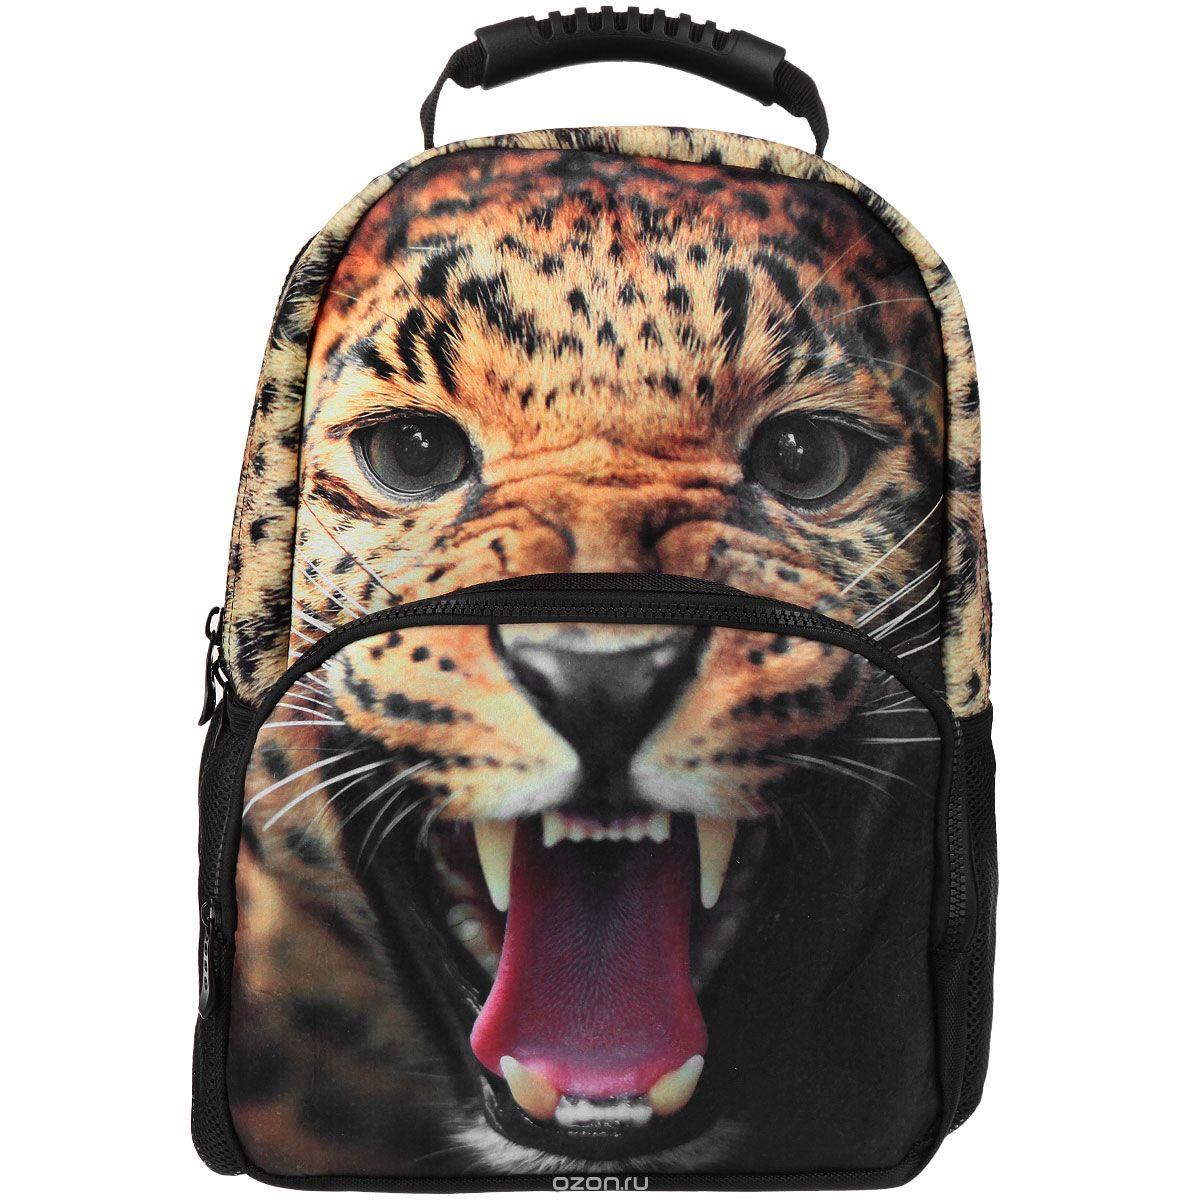 Рюкзак школьный Trend Line Leopard, цвет: черный72523WDСтильный школьный рюкзак Trend Line выполнен из полиэстера, дополнен вставкой из флиса, которая оформлена художественной печатью с изображением леопарда. Рюкзак имеет одно основное отделение, закрывающееся на застежку-молнию. Снаружи, на лицевой стороне, рюкзака размещен накладной карман на молнии, внутри которого предусмотрен еще один накладной карман на липучке. С двух сторон изделия расположены два накладных сетчатых кармашка. В верхней части изделия предусмотрена эргономичная ручка для переноски, а также предусмотрены регулируемые лямки.Такой рюкзак станет незаменимым спутником вашего ребенка в походах за знаниями.